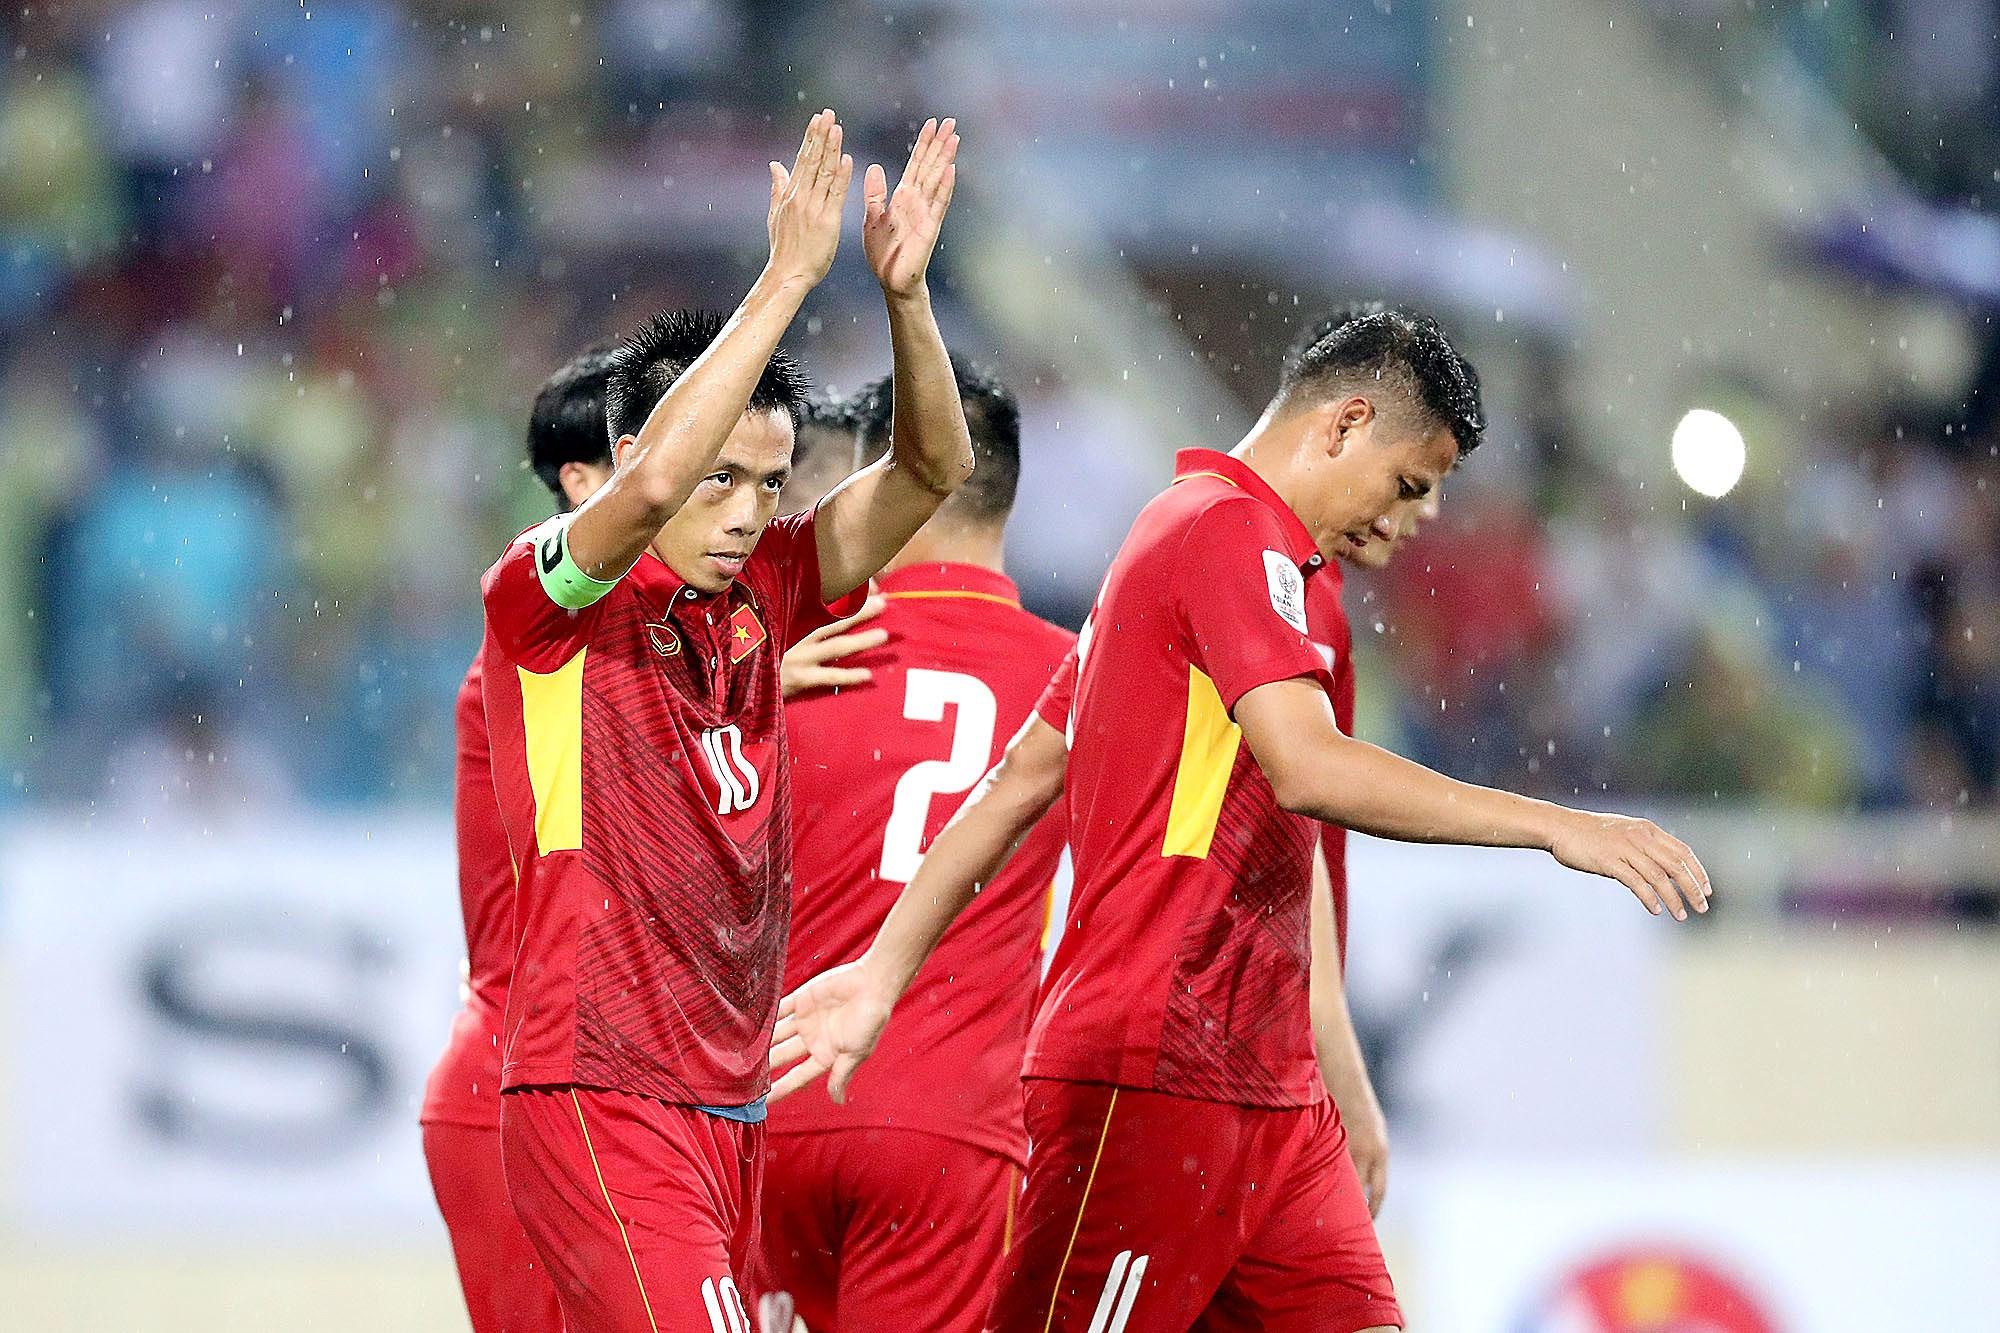 """Phía sau màn trình diễn bị """"ném đá"""" của ĐTVN là cả chuỗi thành tích khó tin sánh ngang siêu kỉ lục của Hàn Quốc, Nhật Bản"""